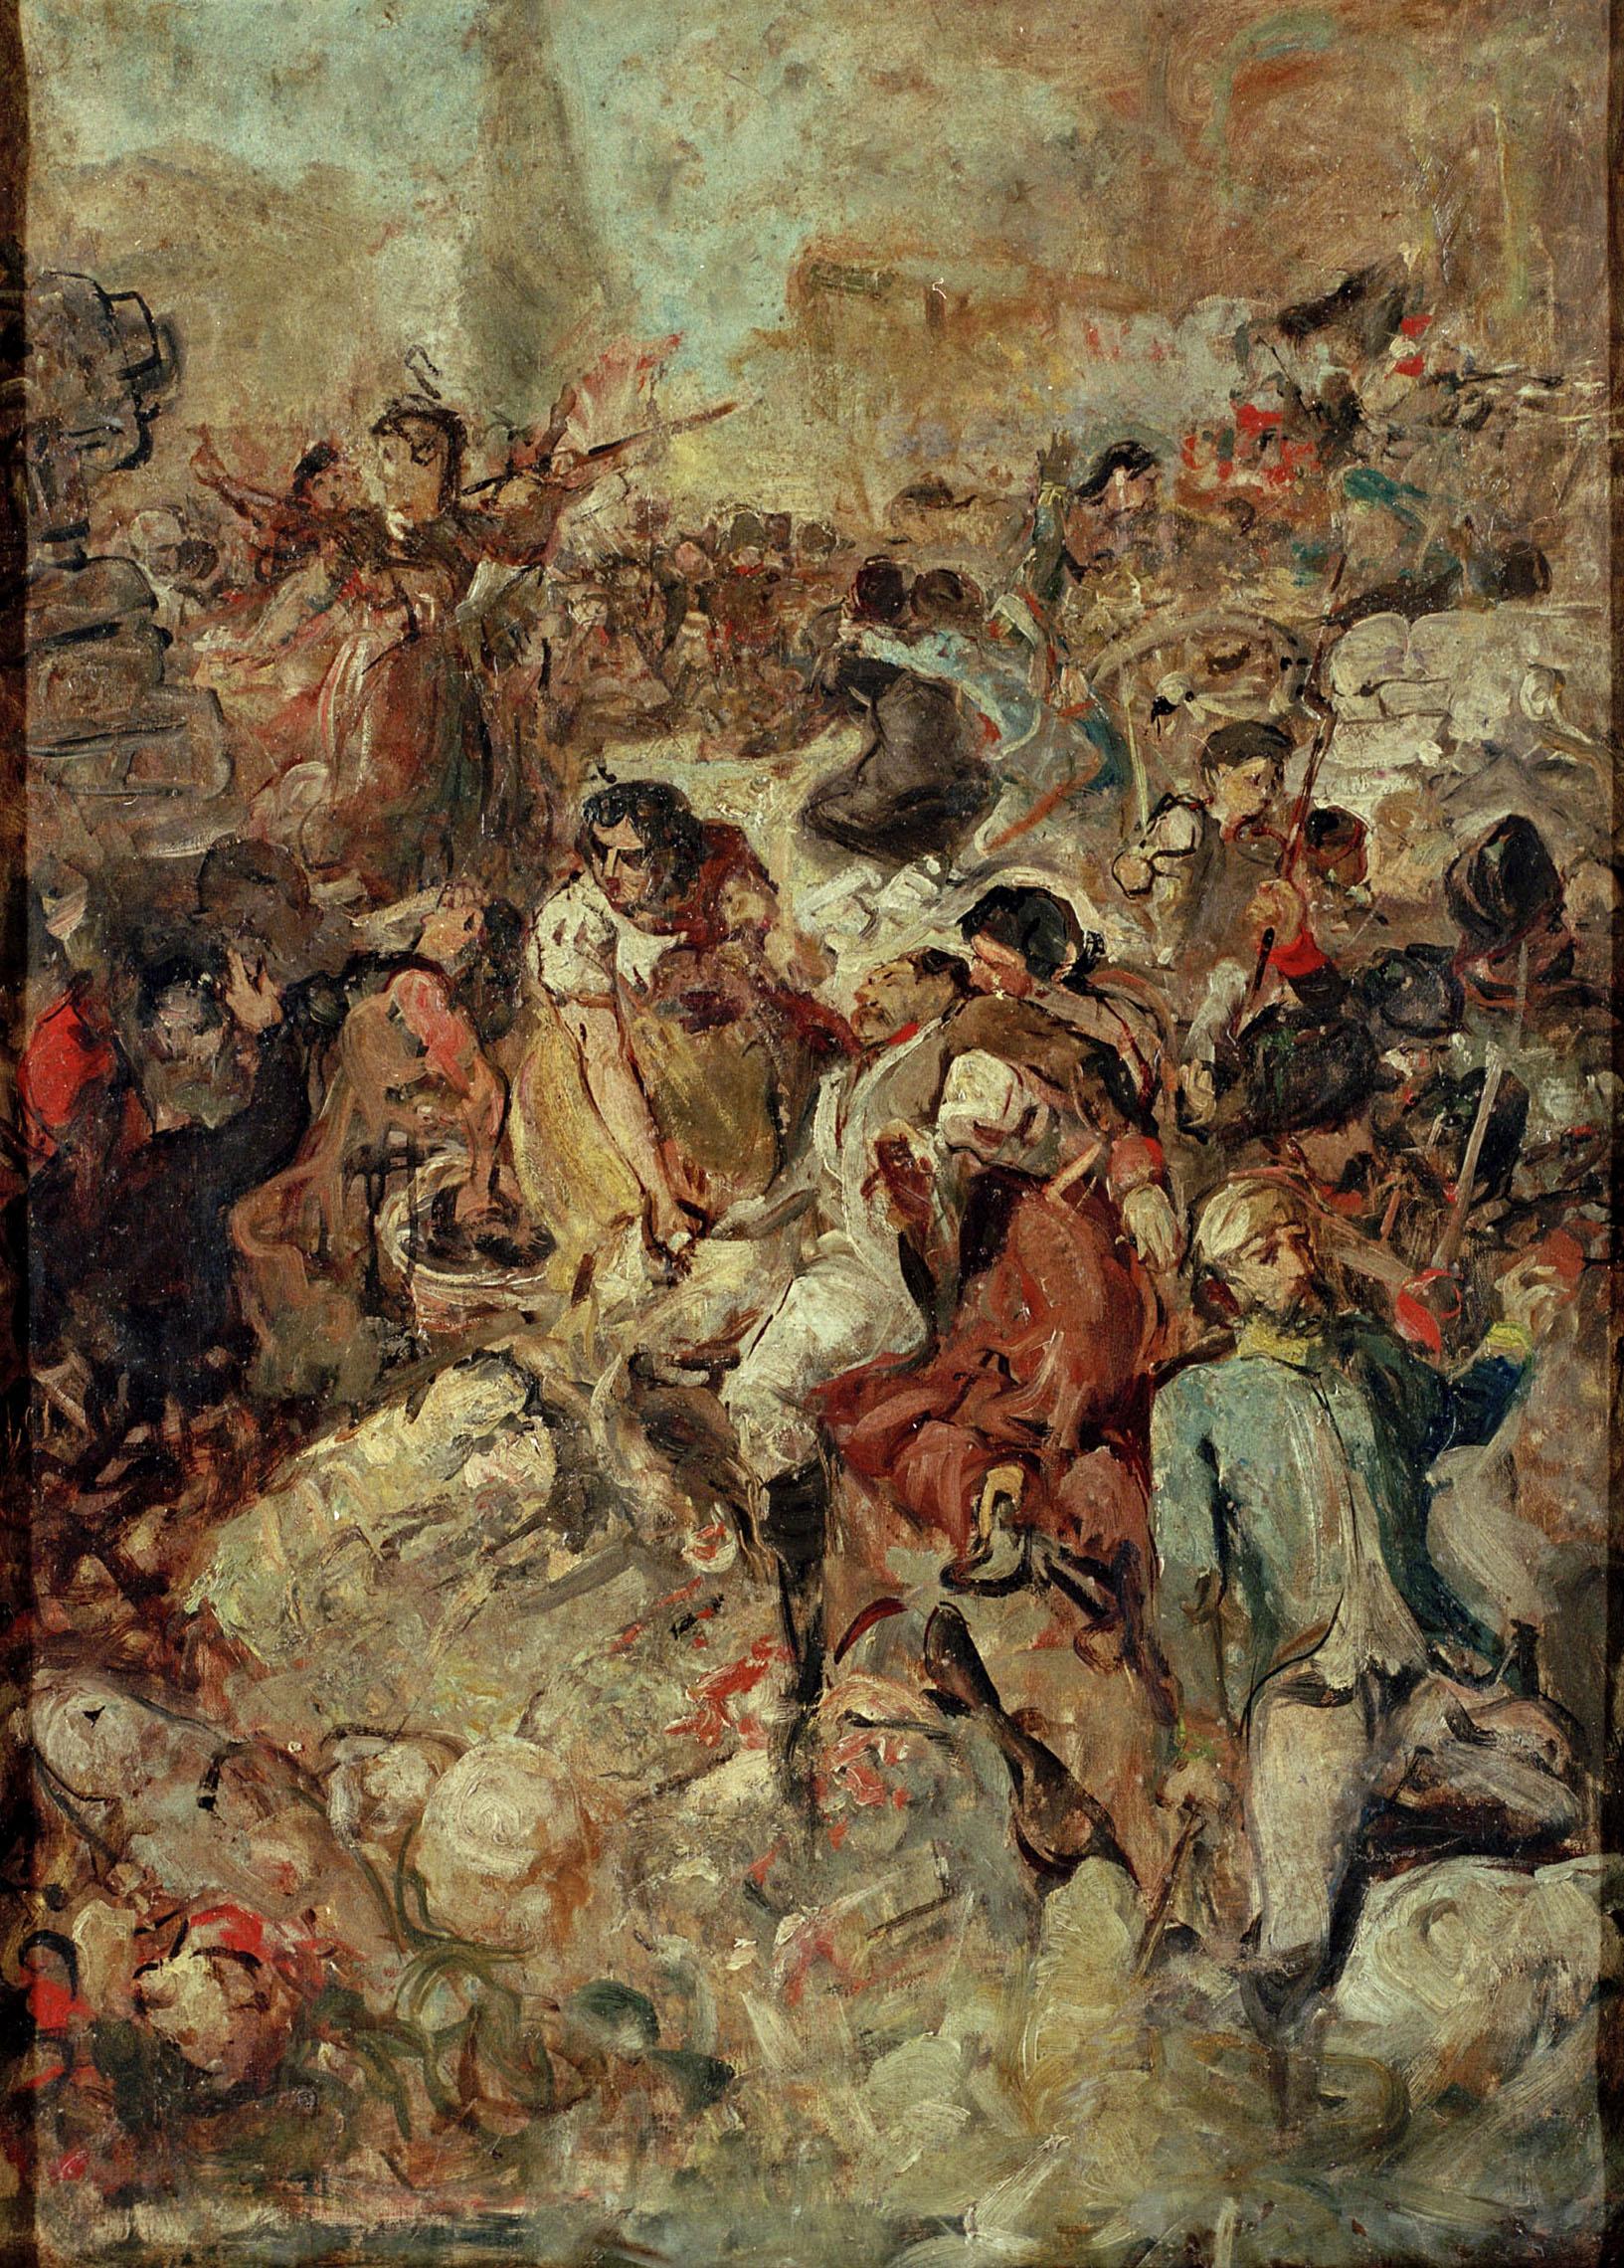 Ramon Martí i Alsina - Esbós per a ««La Companyia de Santa Bàrbara»» - Cap a 1891